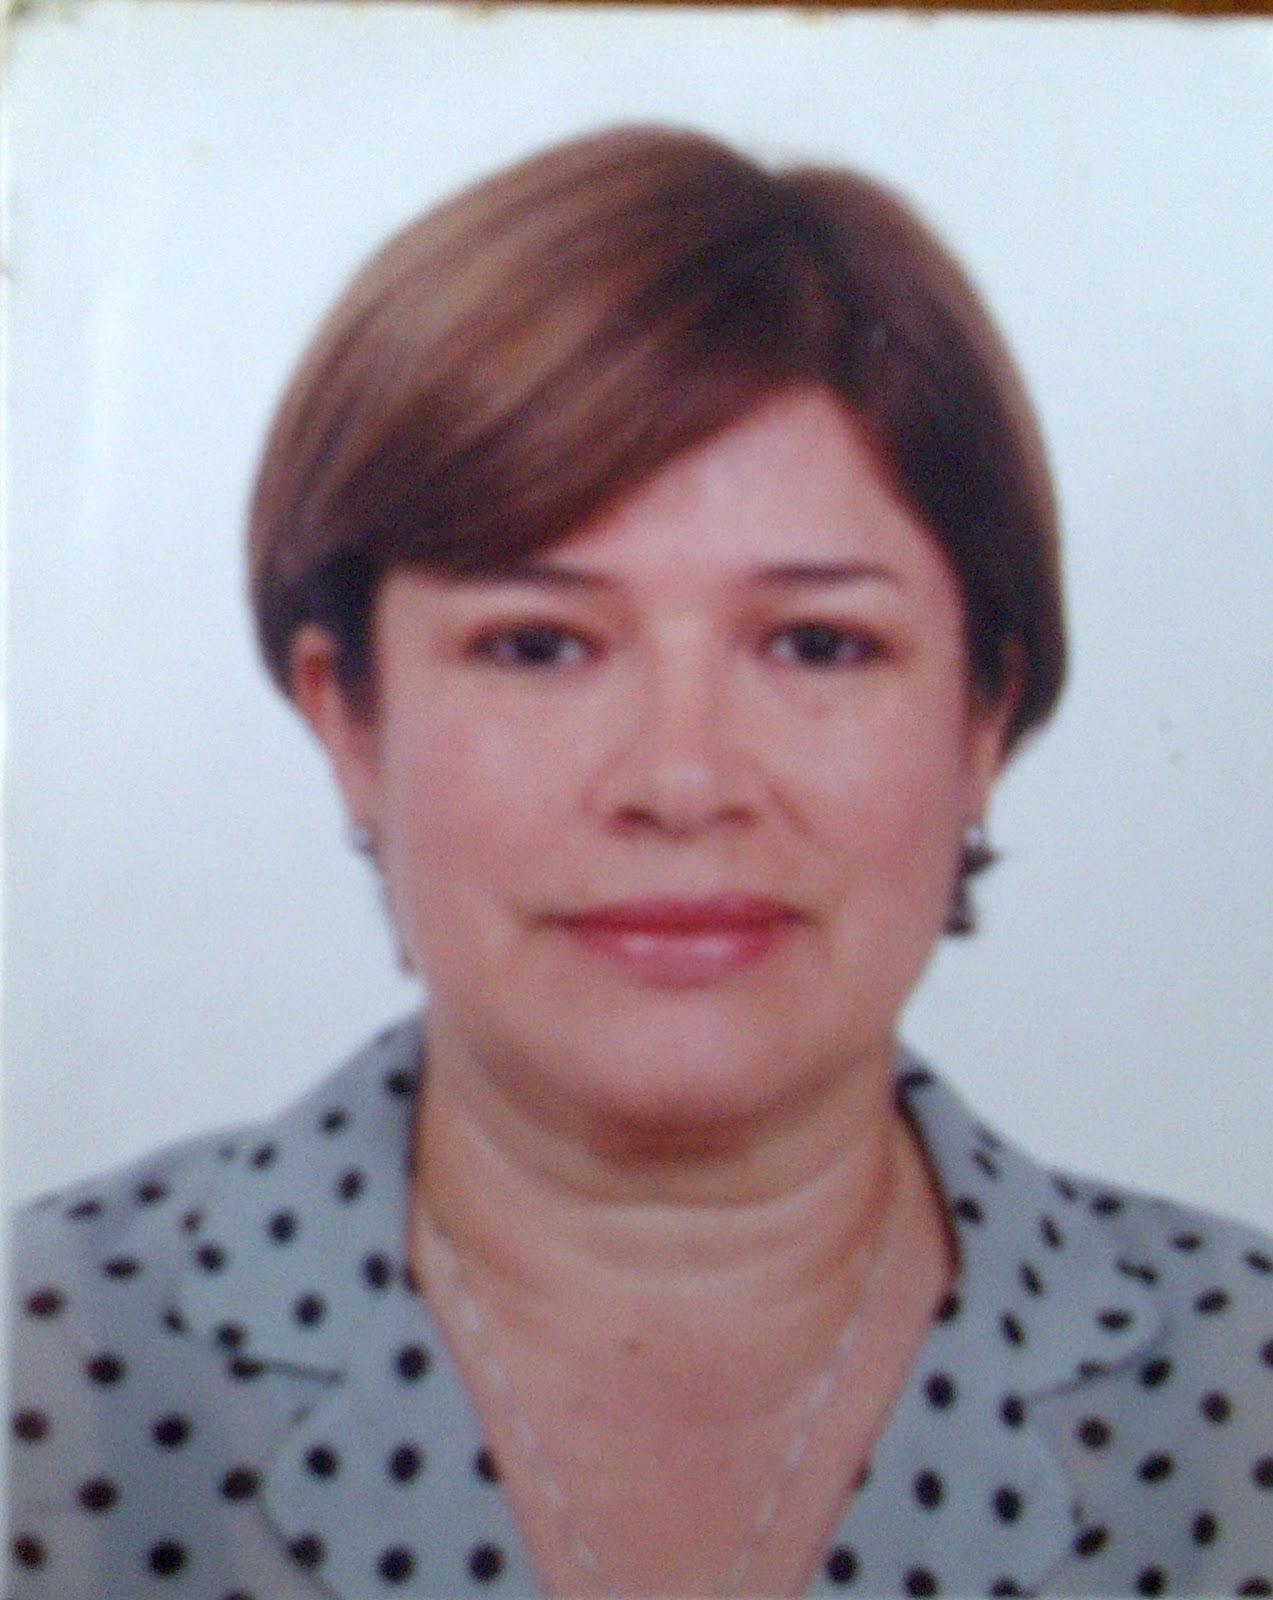 http://4.bp.blogspot.com/-rdqB55CKXnU/TnaCAfUvSPI/AAAAAAAAAYQ/wAWg7P1dZDI/s1600/DRA.+ANNY+ARANGO.jpg